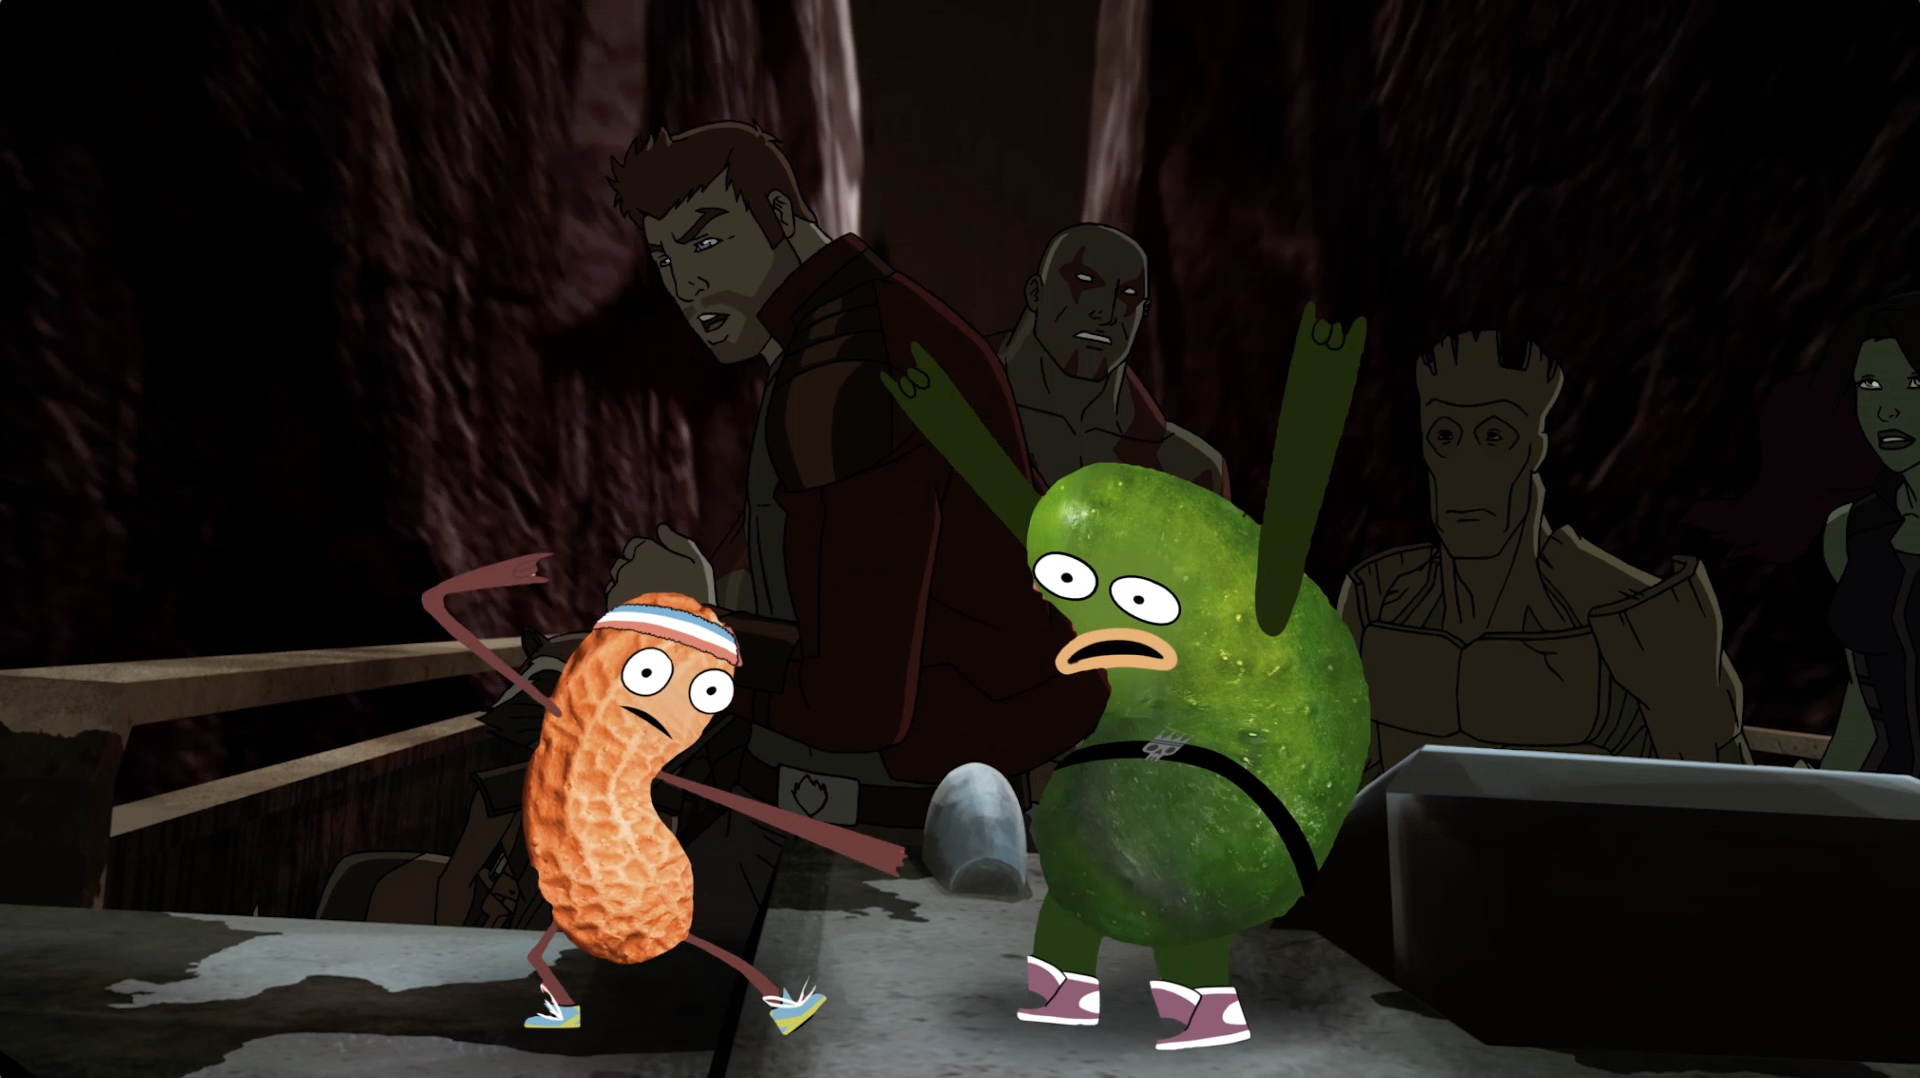 Picles e Amendoim participam de Guardiões da Galáxia - Parte 2